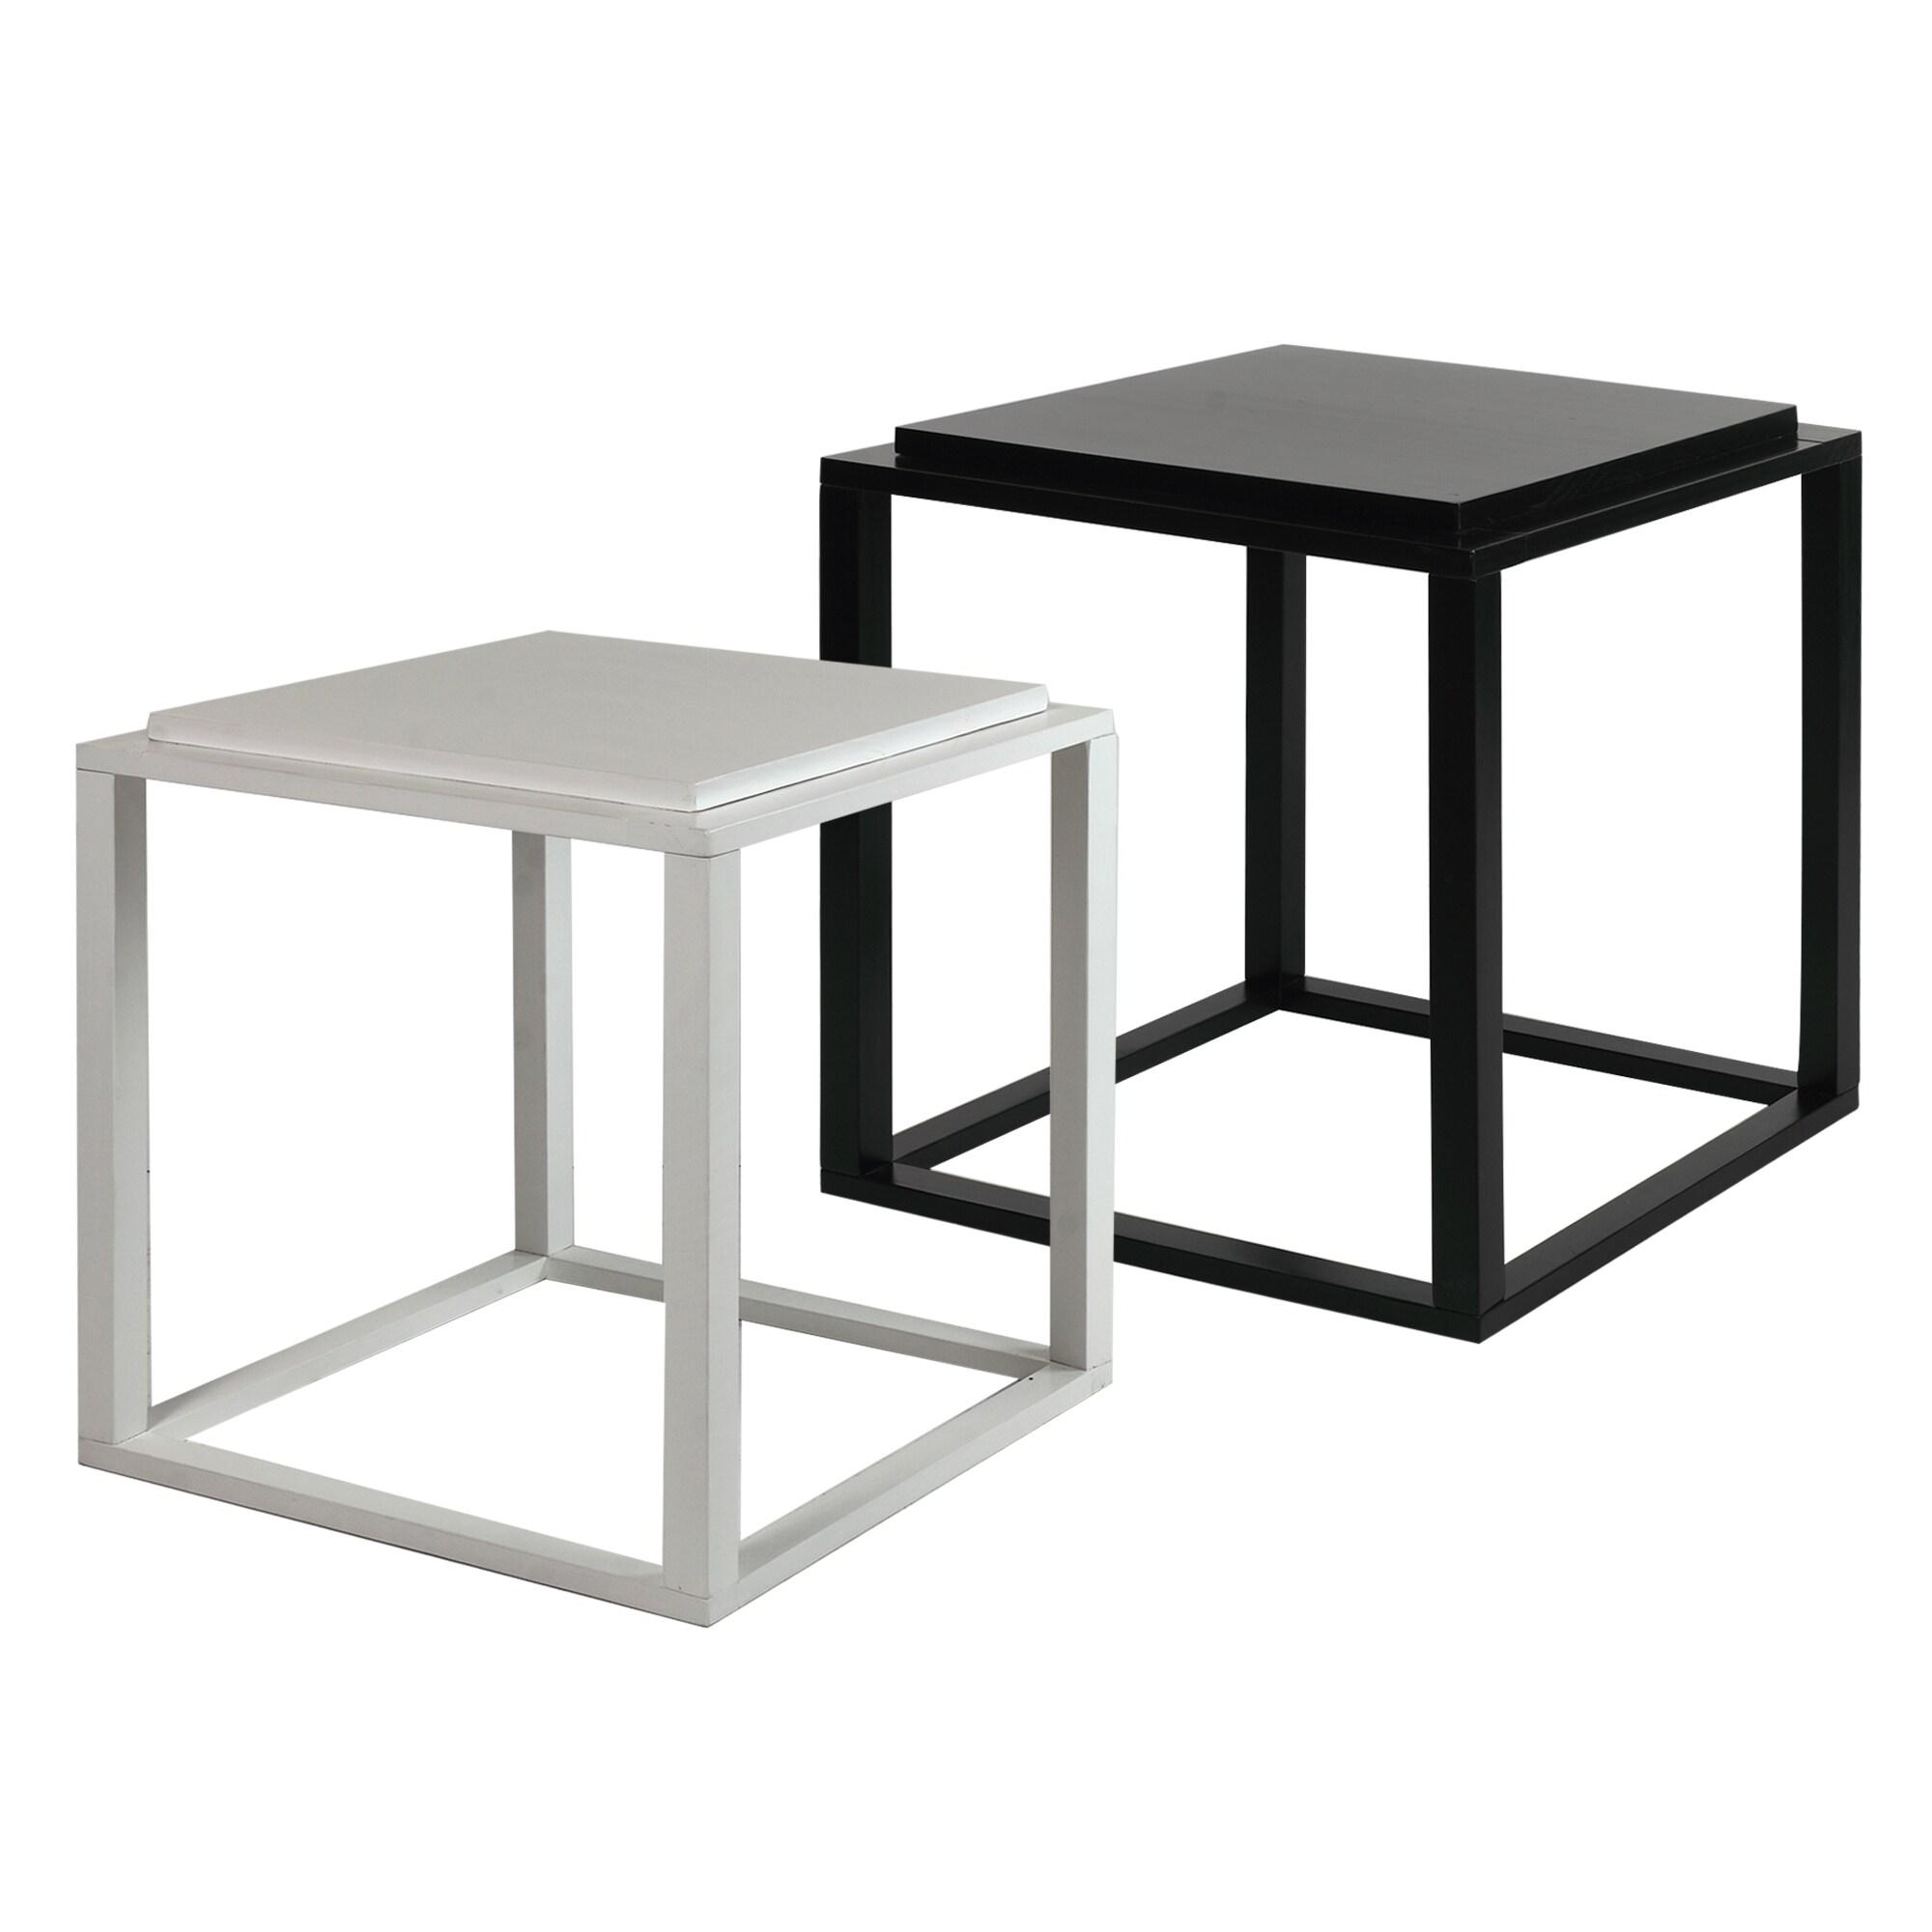 Modern Modular Black White Stacking Storage Cubes Set of 2